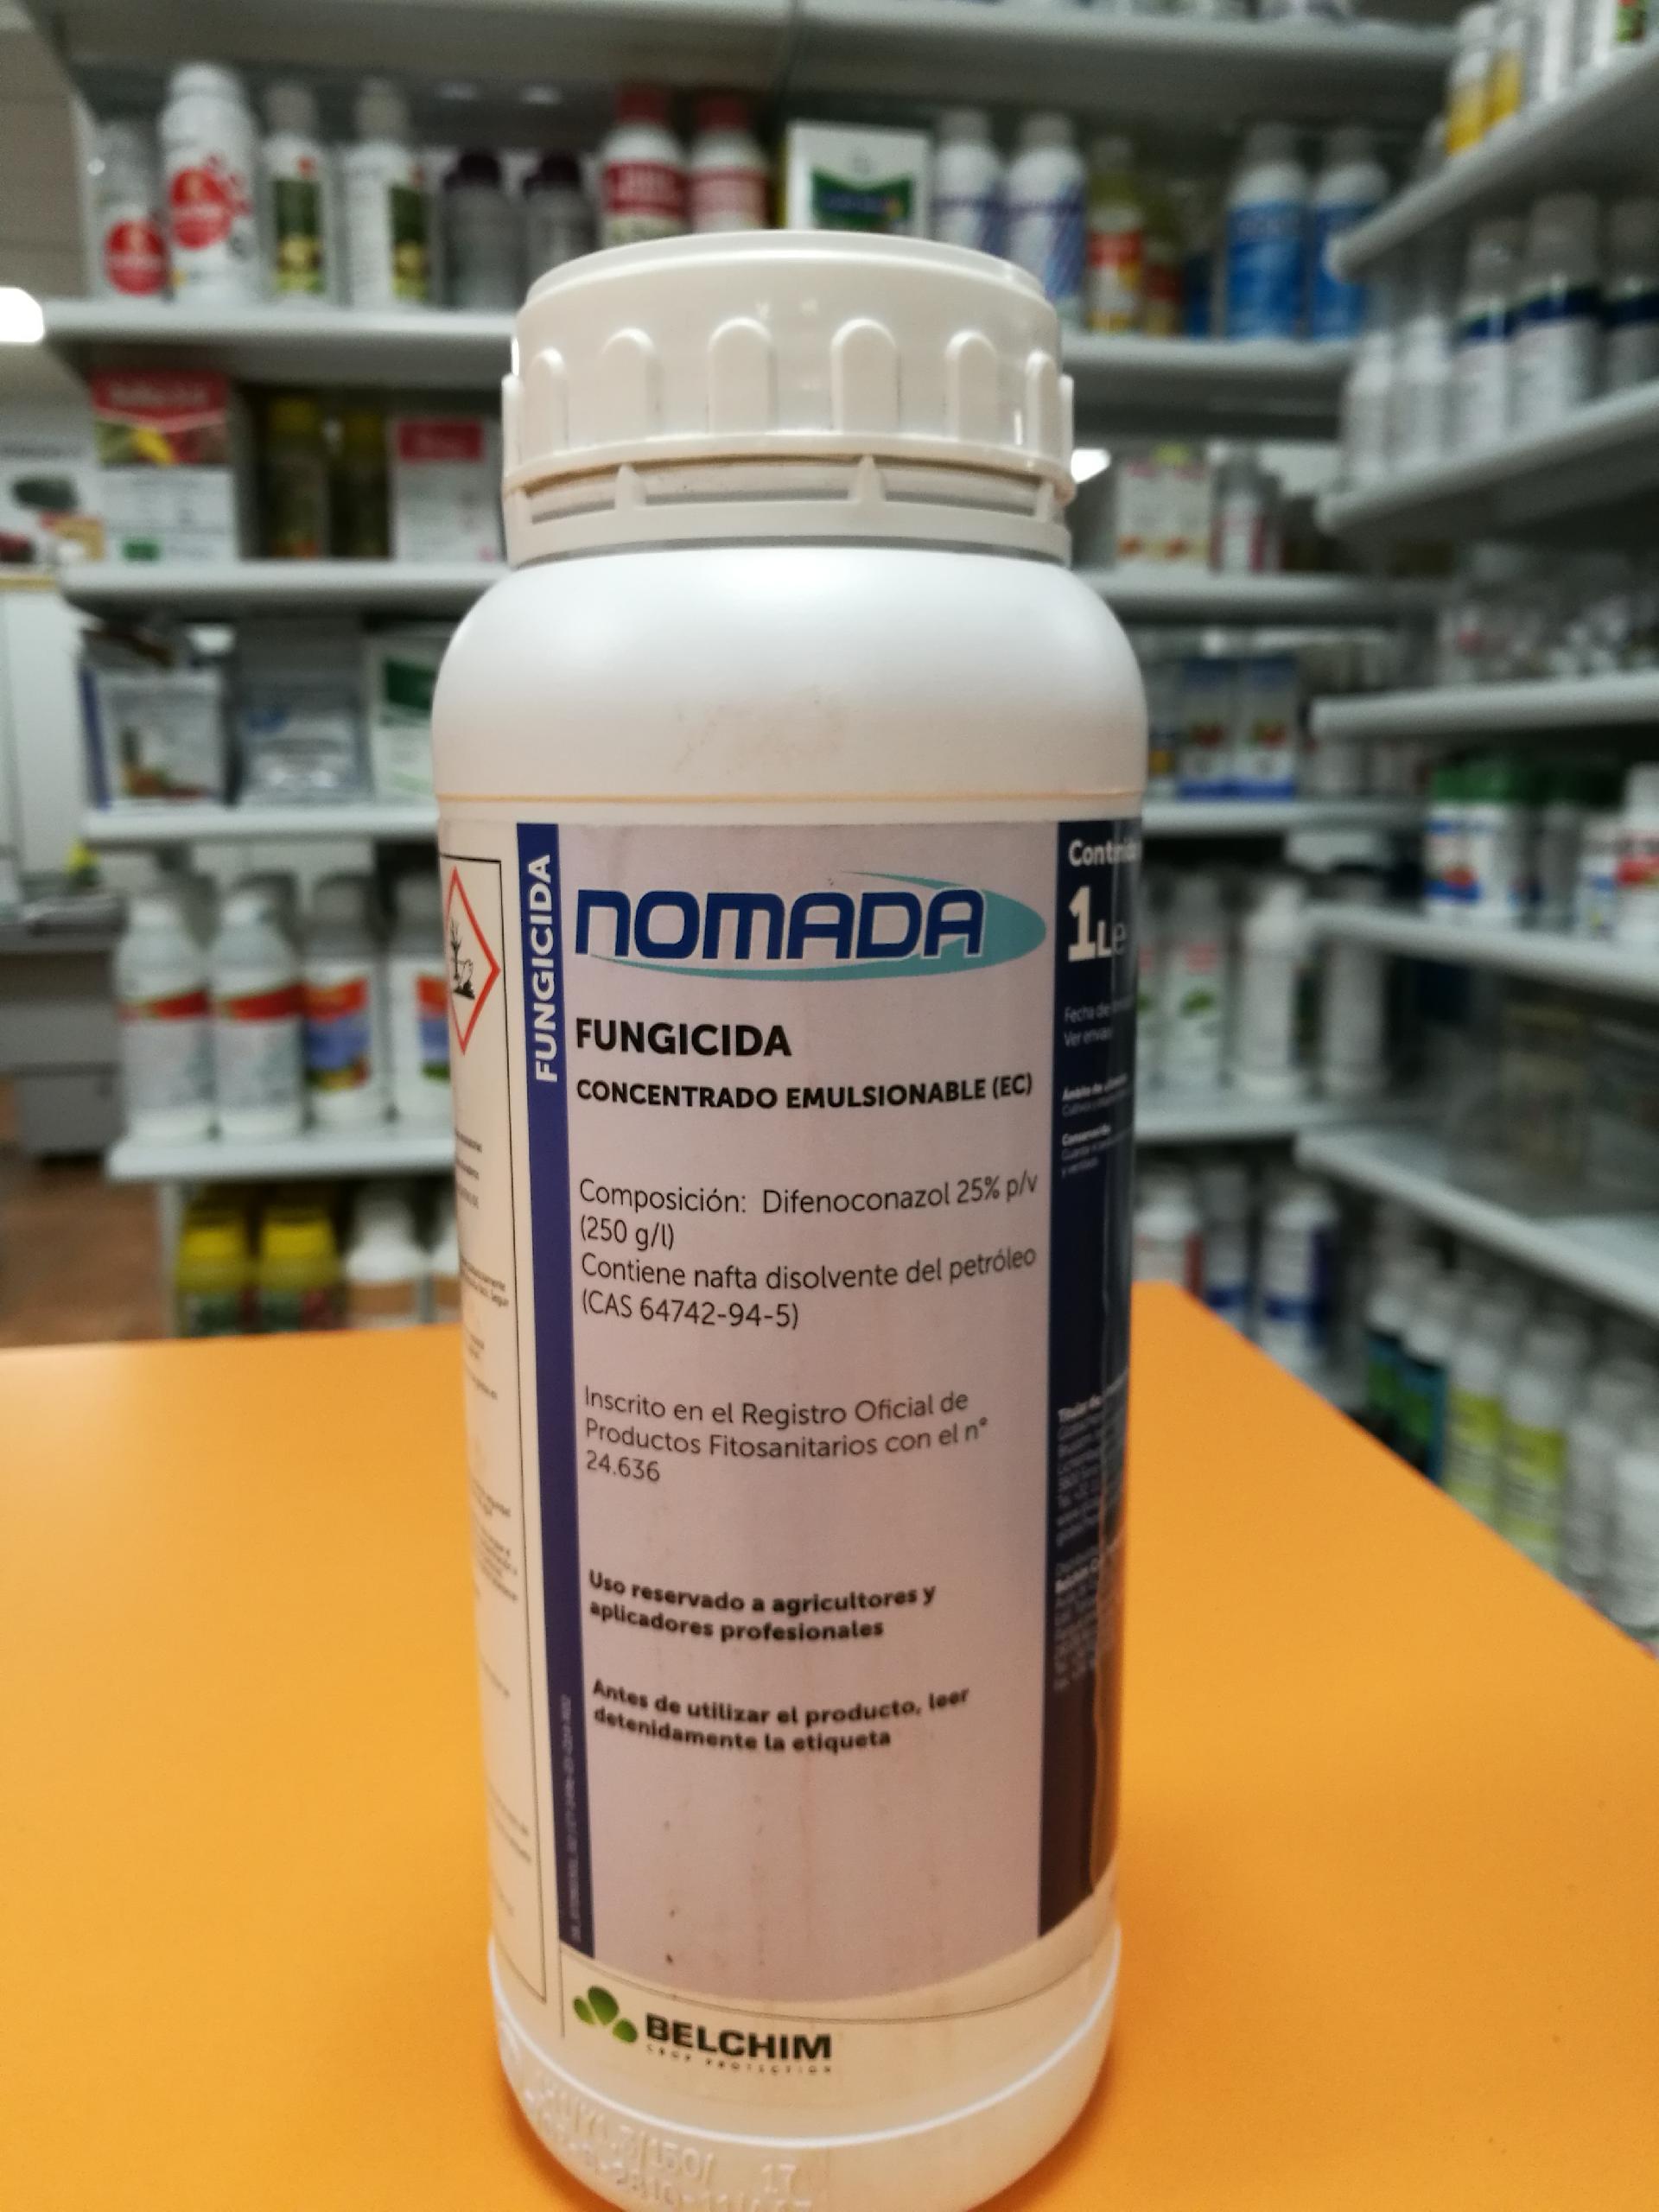 NOMADA (1 l.).